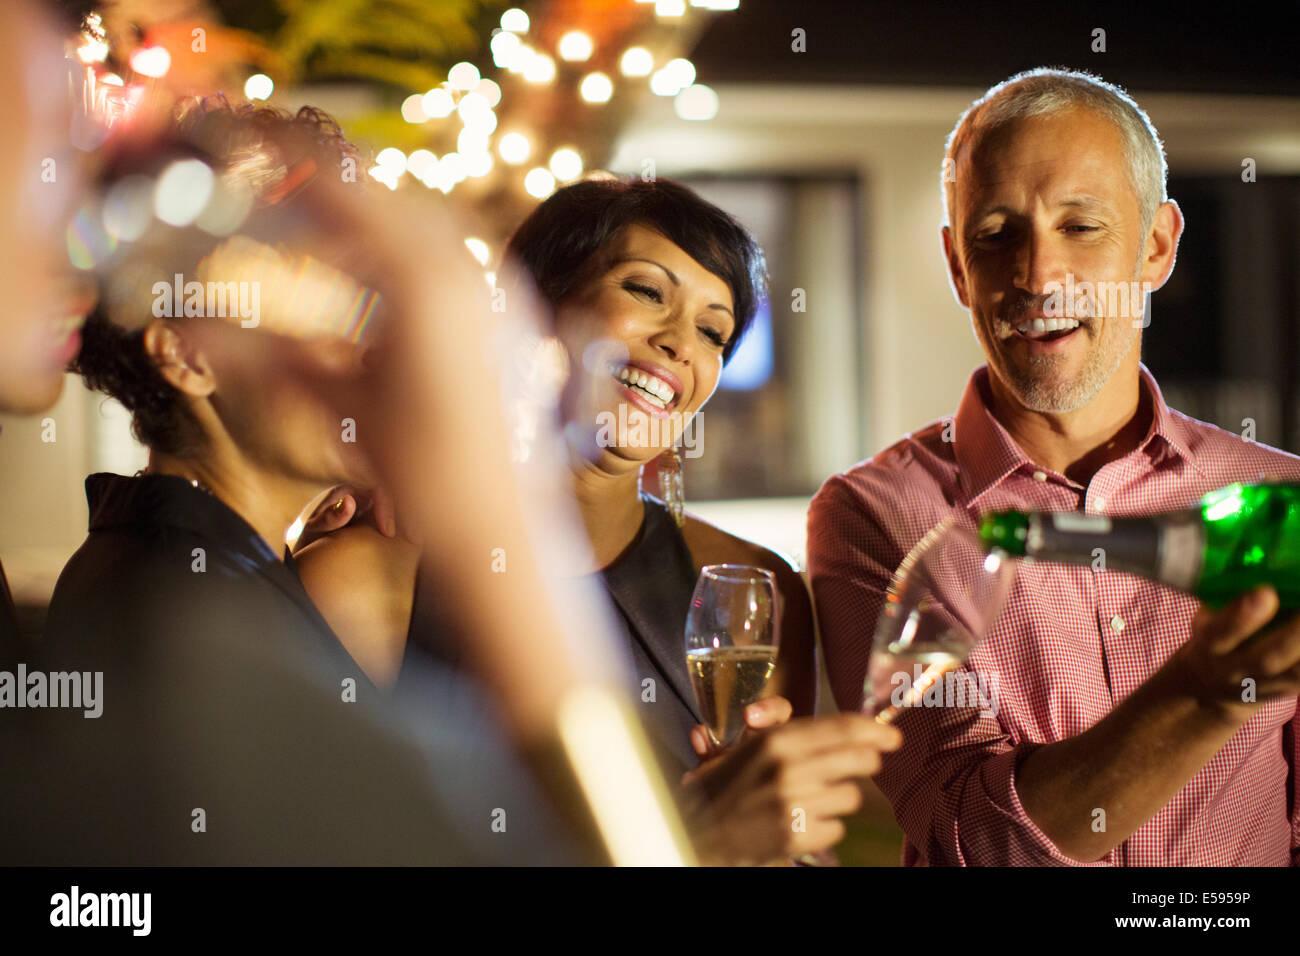 Gli amici a bere champagne a parte Immagini Stock